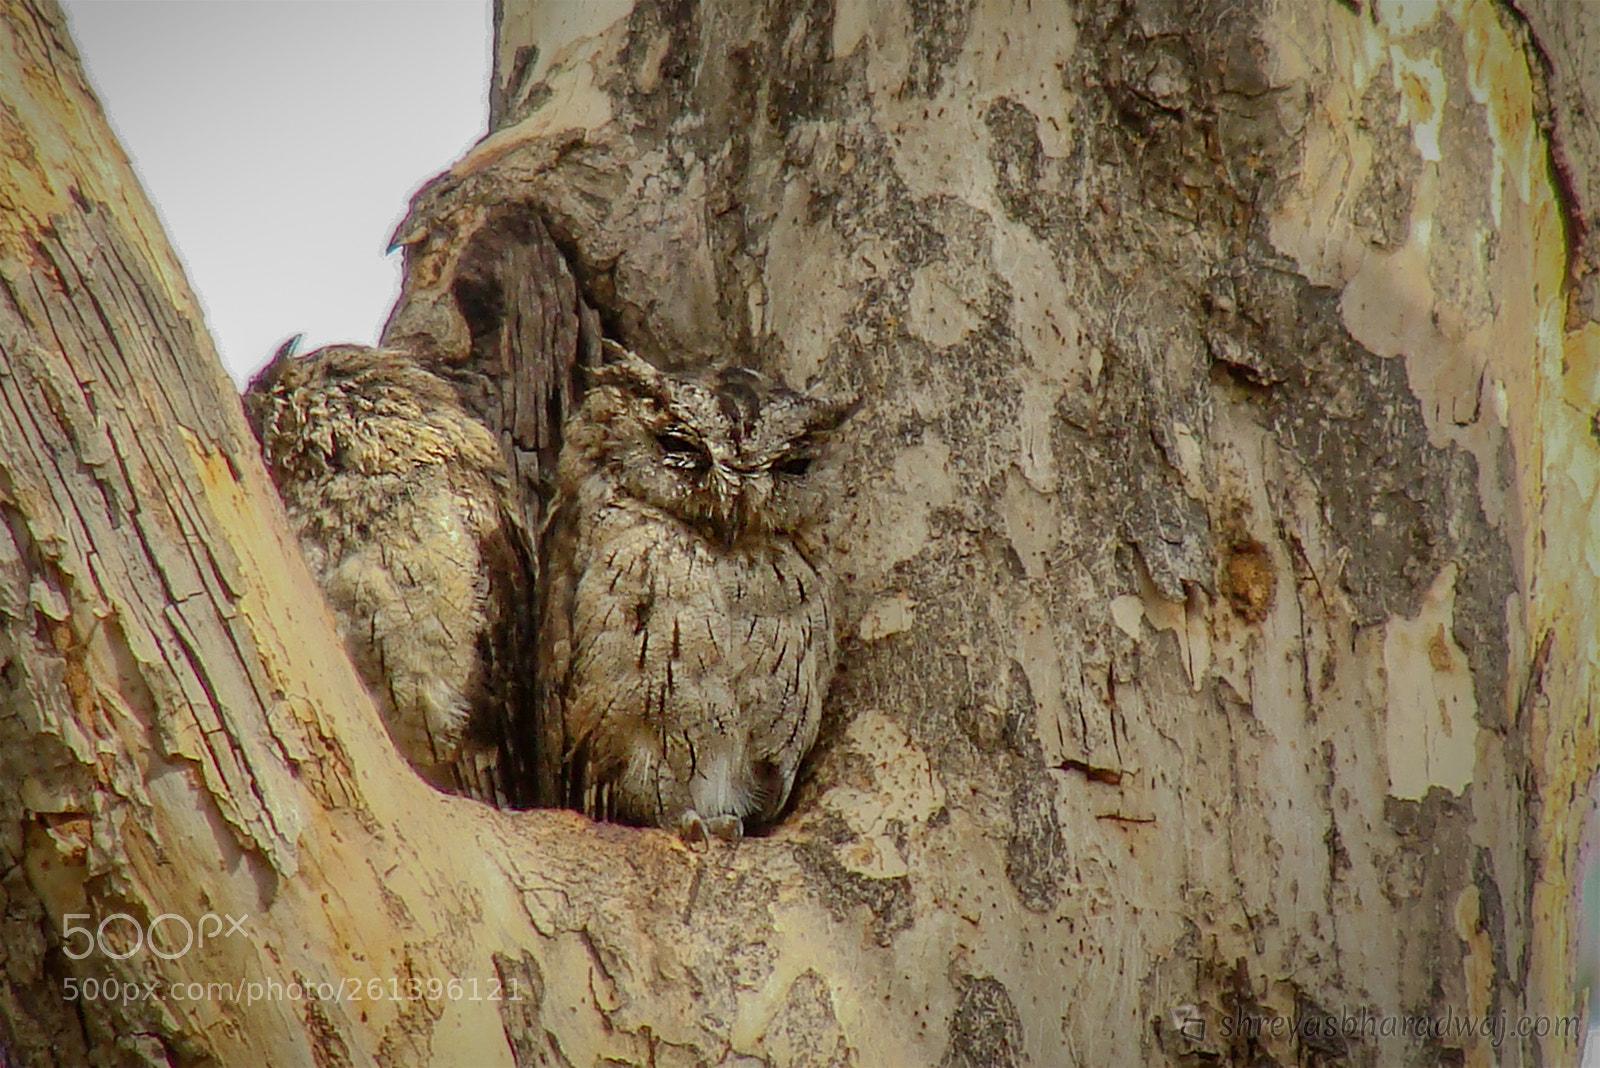 Indian Scops Owl, Sony DSC-H10